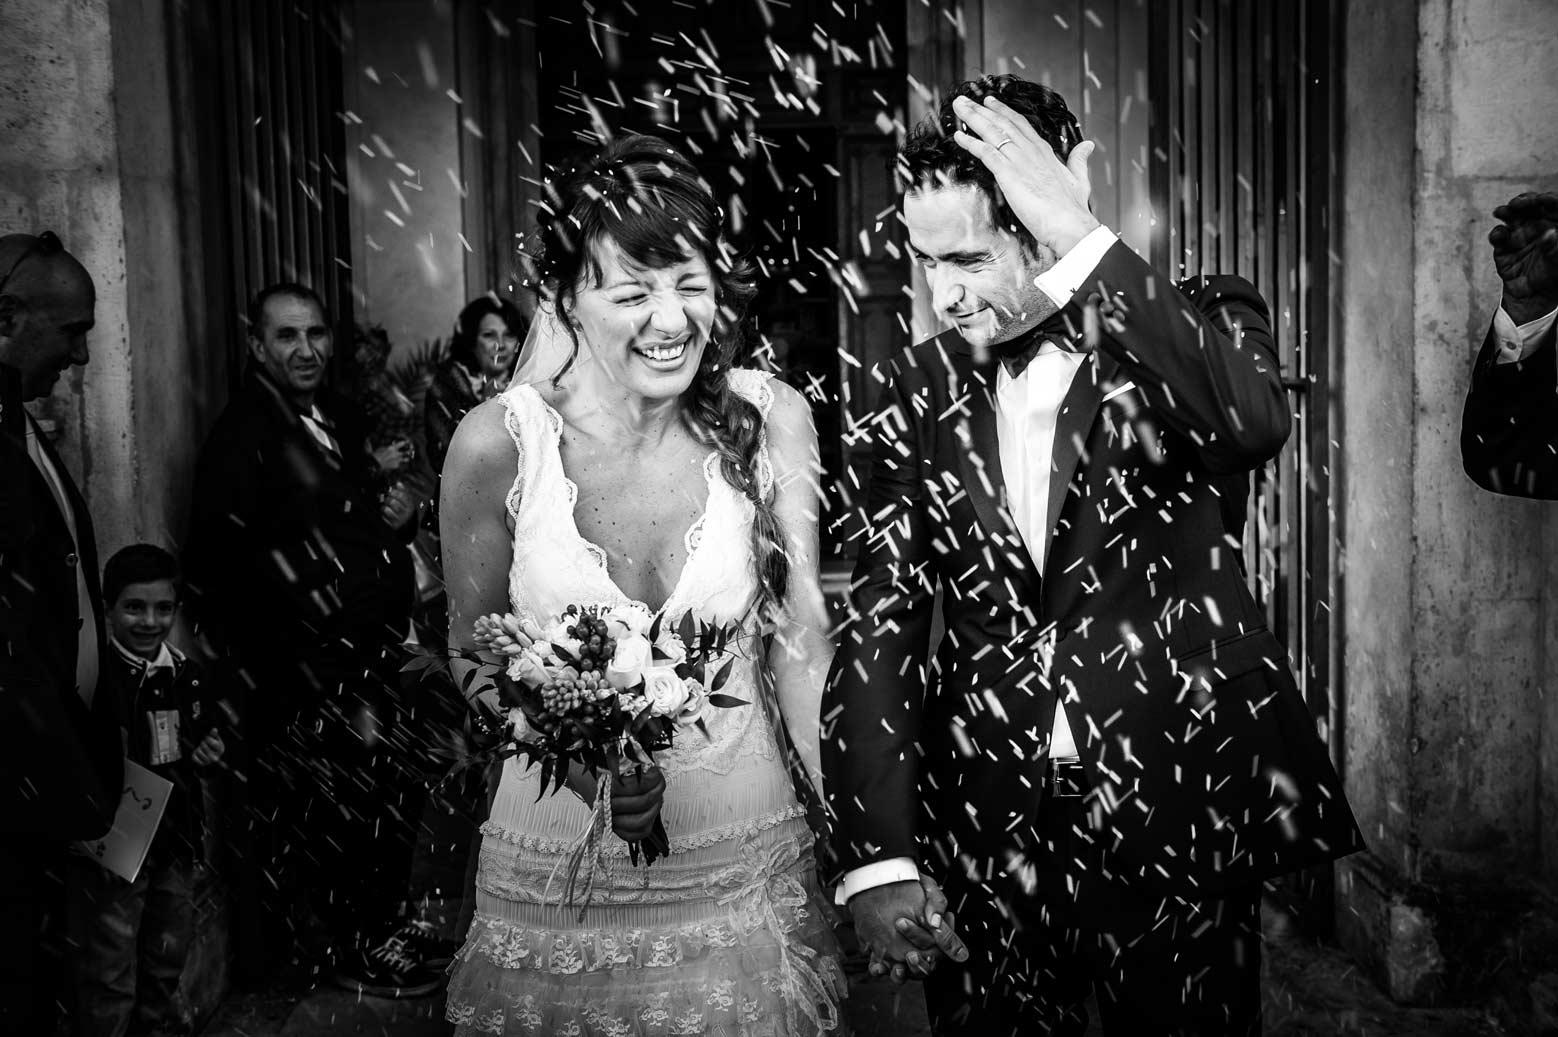 Reportage-Wedding-Photographer-in-Italy-1-Ceremony